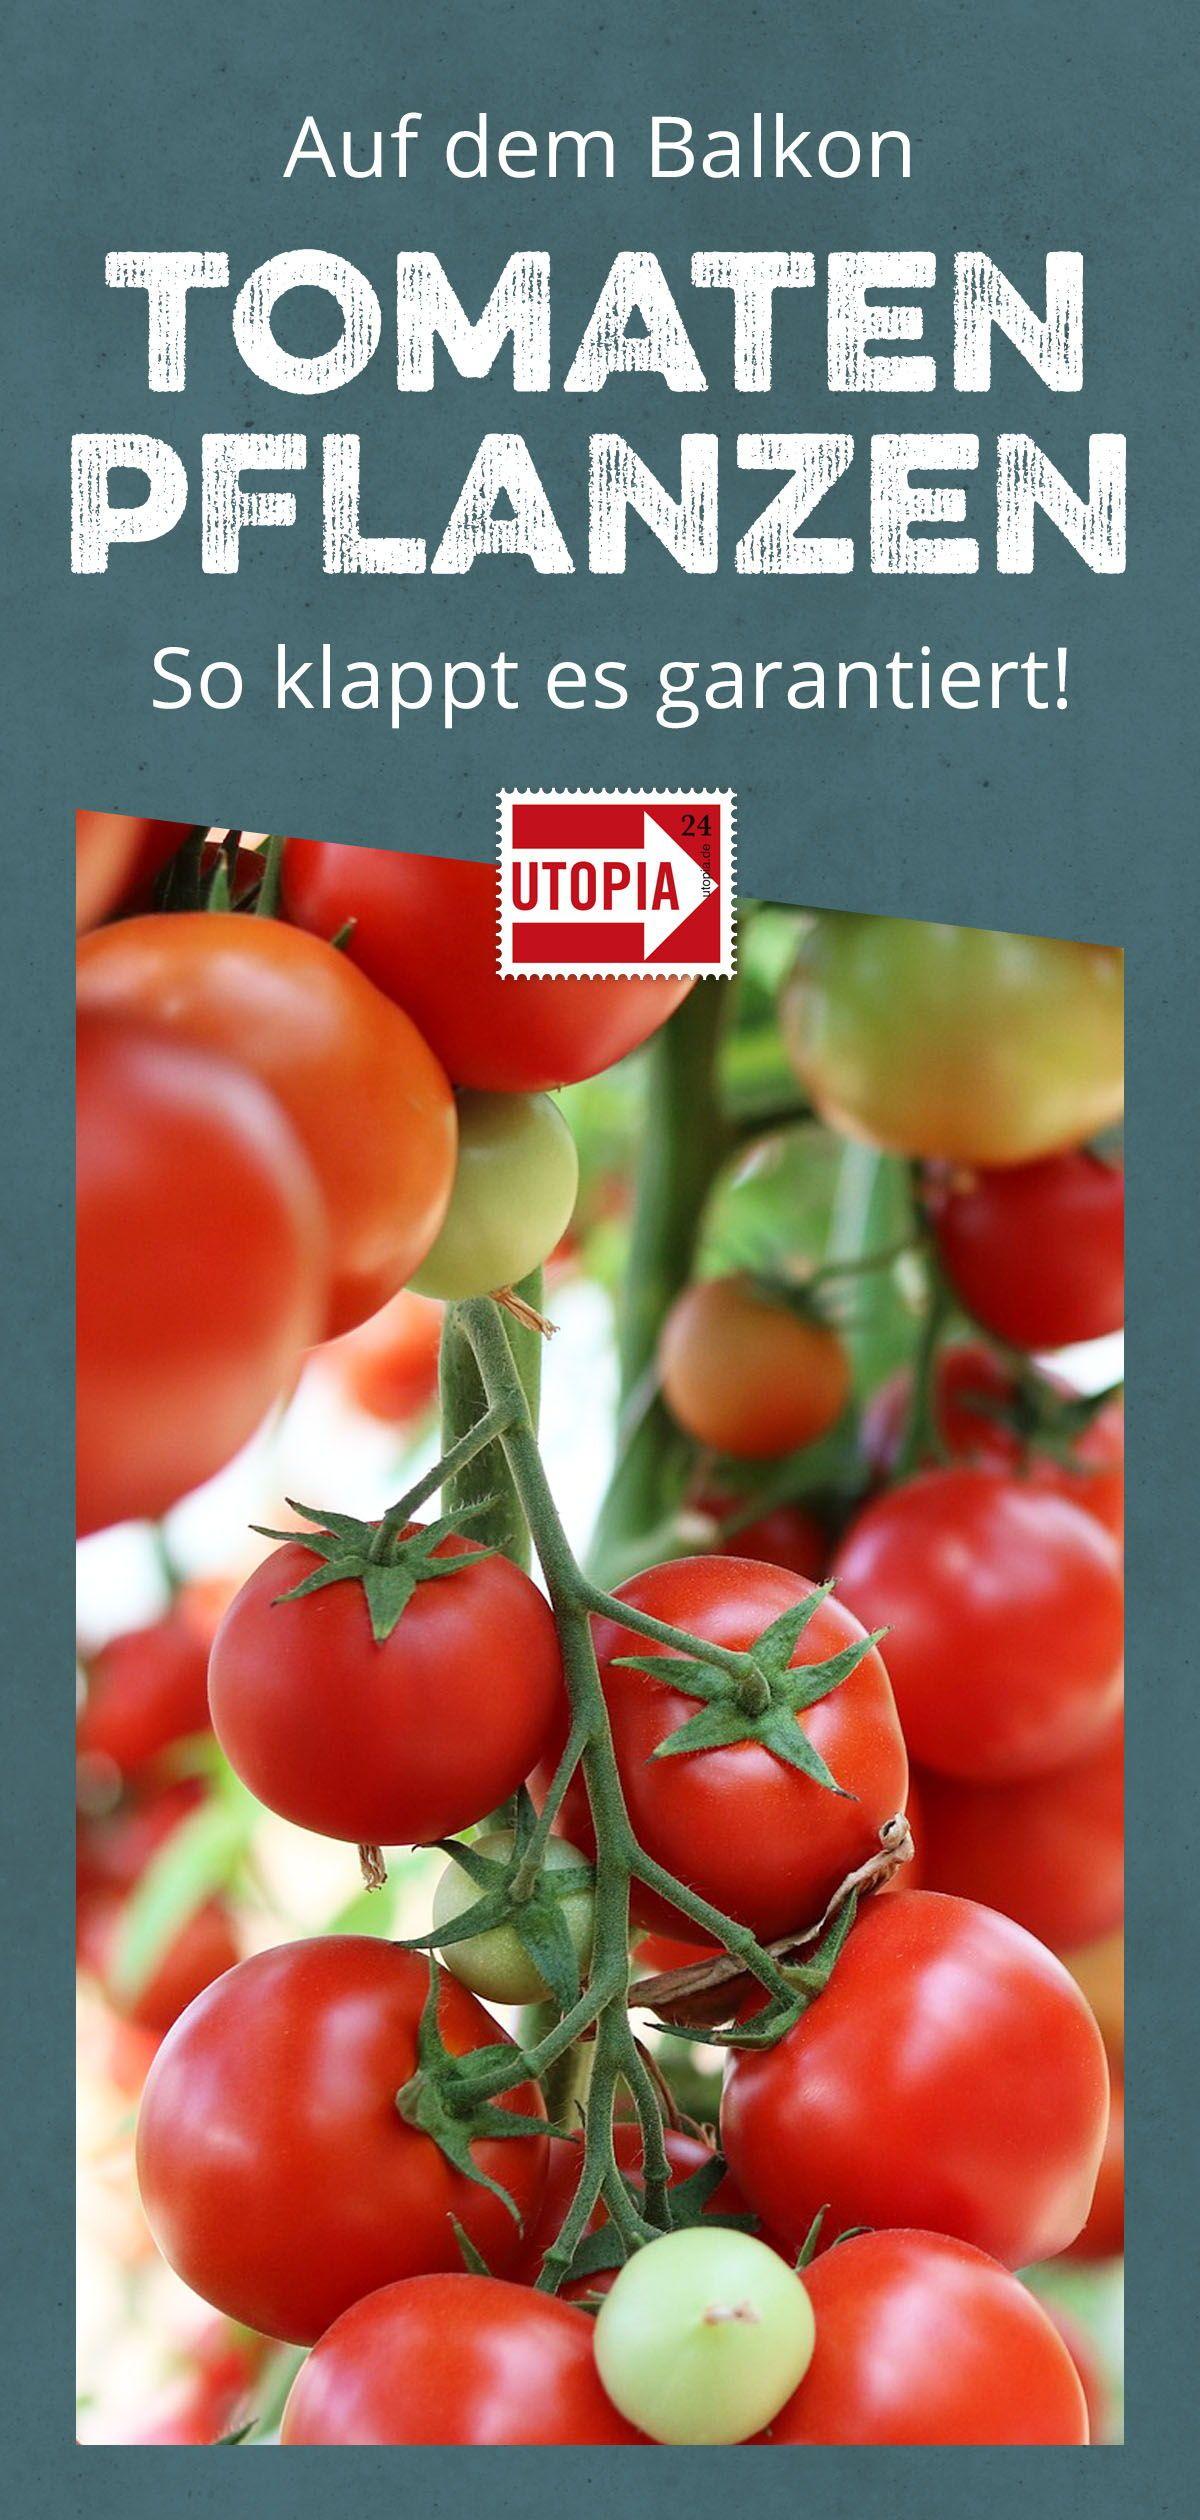 Tomaten pflanzen auf dem Balkon: Tipps & Tricks